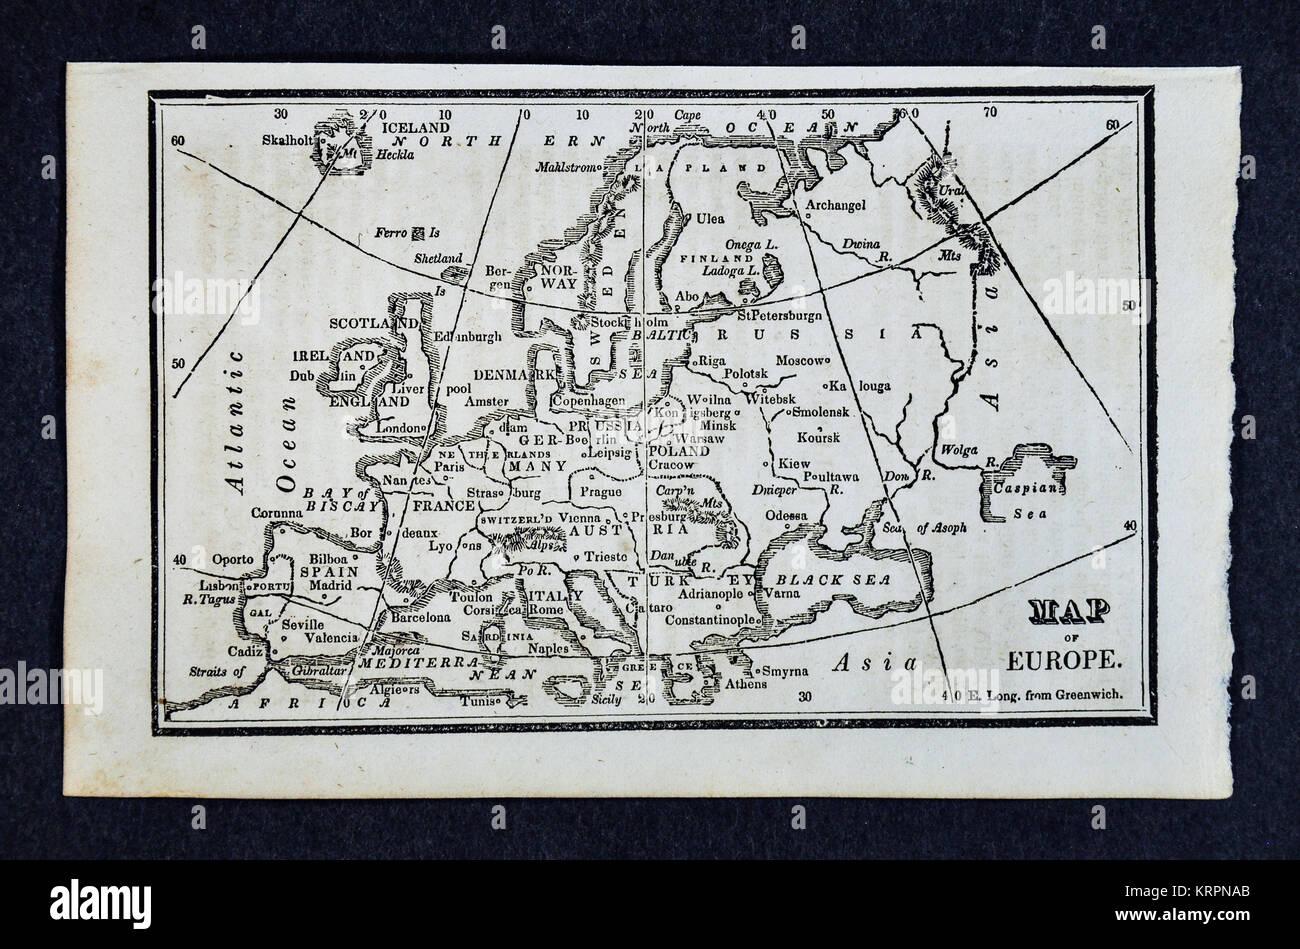 Karte Schweden Dänemark Deutschland.Historische Karte Von Kopenhagen Dänemark 19 Jahrhundert Stockfotos